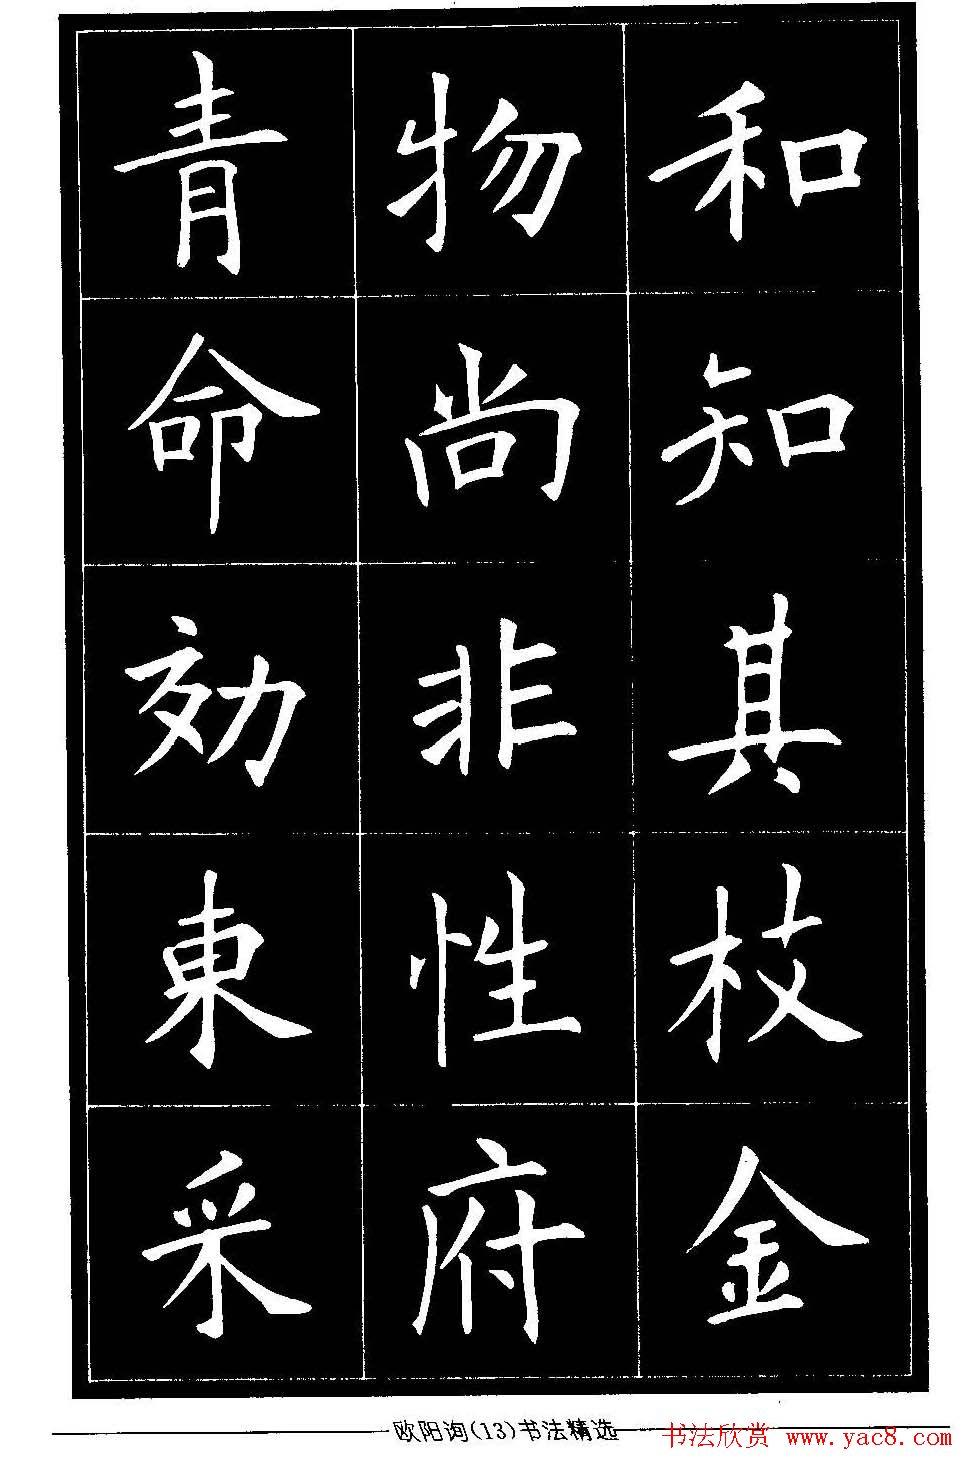 欧体楷书字帖欣赏《欧阳询书法精选》(13)图片